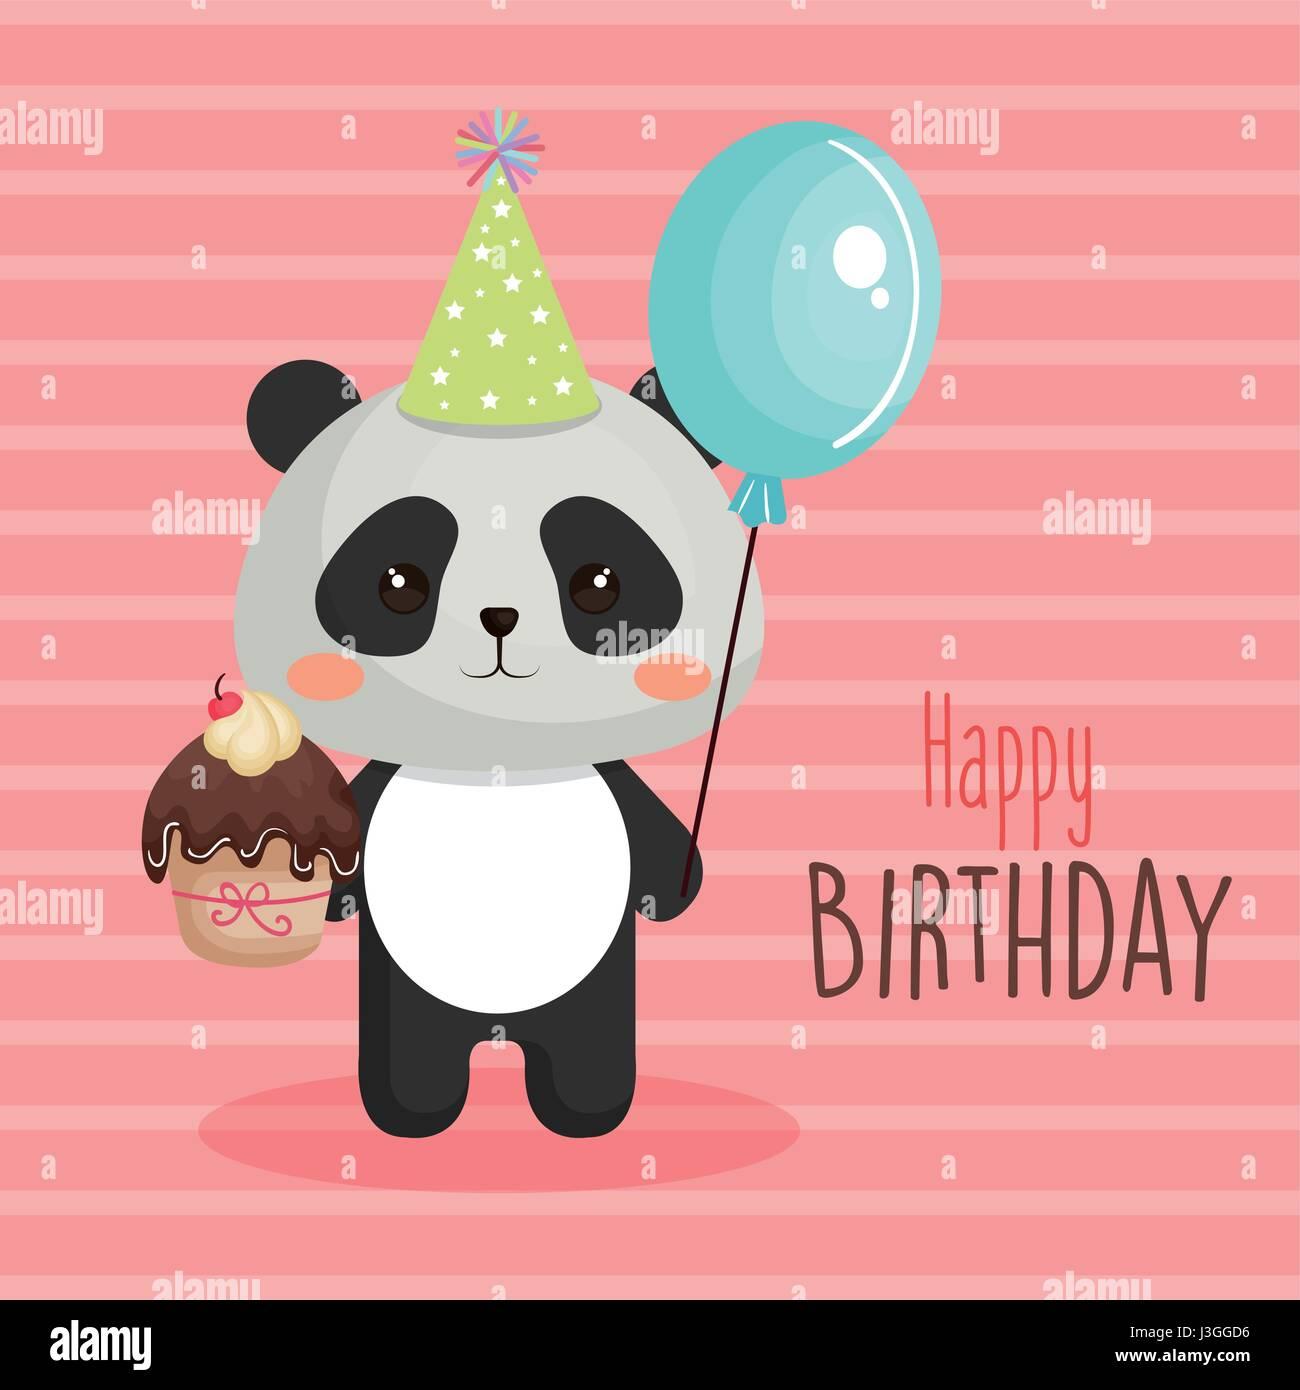 Buon Compleanno Card Con Tender Animale Illustrazione Vettoriale